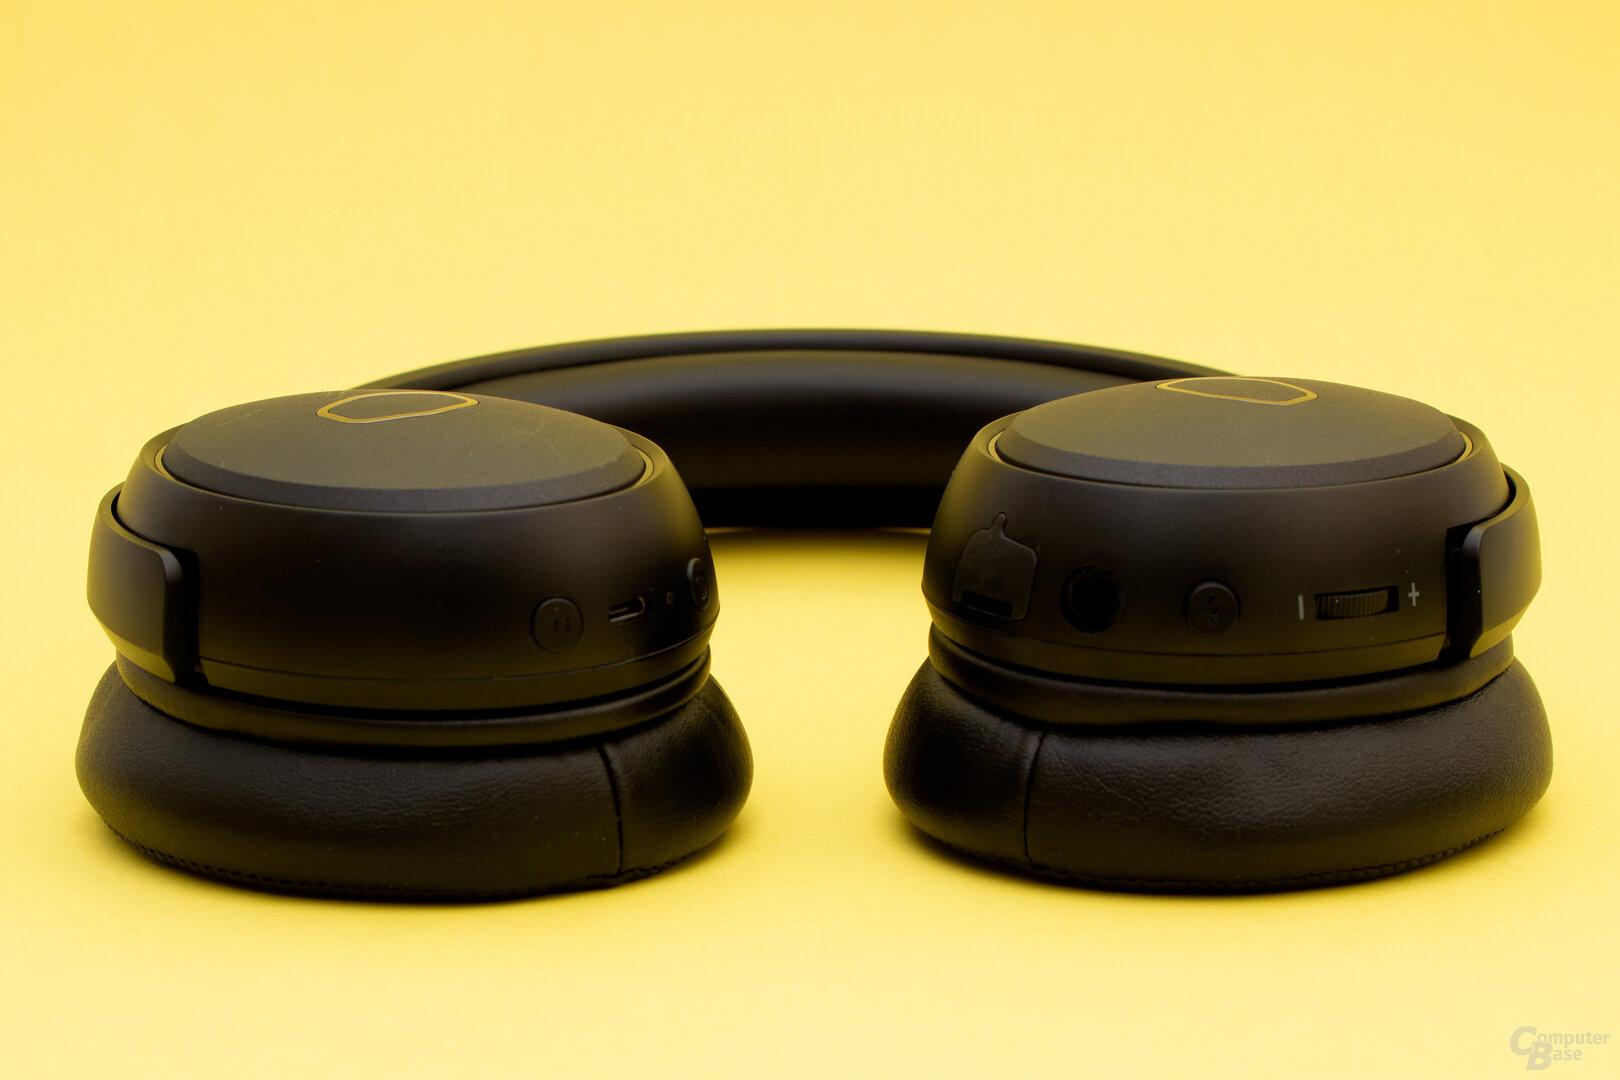 Das MH-670 bietet viele Bedienelemente am Headset selbst